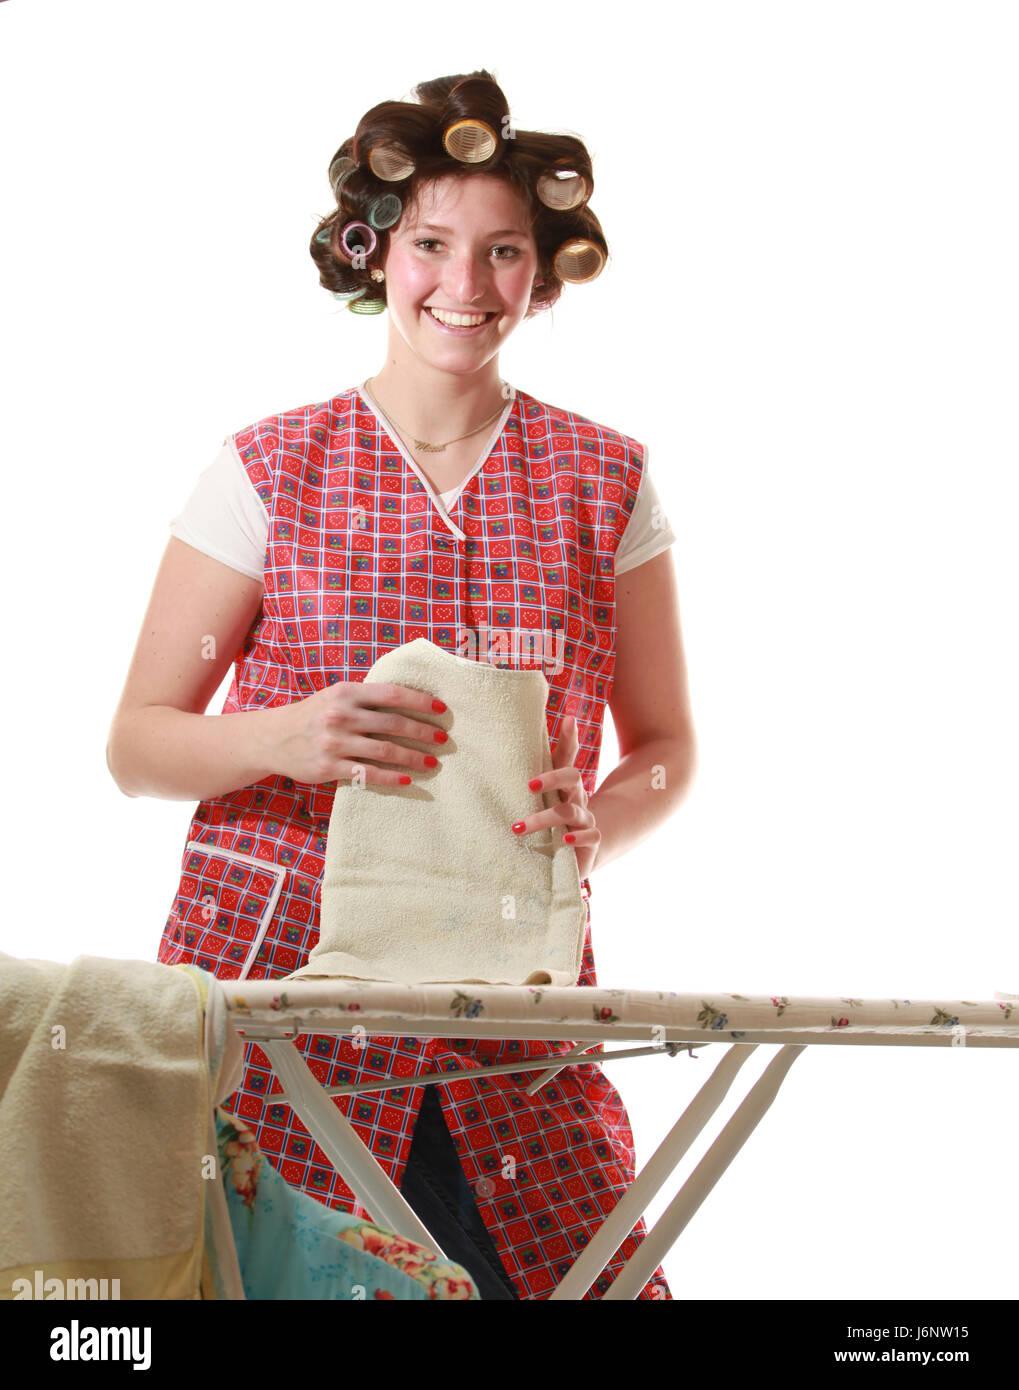 hausfrau bonbons die sch rze sch rze kleid eisen w sche. Black Bedroom Furniture Sets. Home Design Ideas